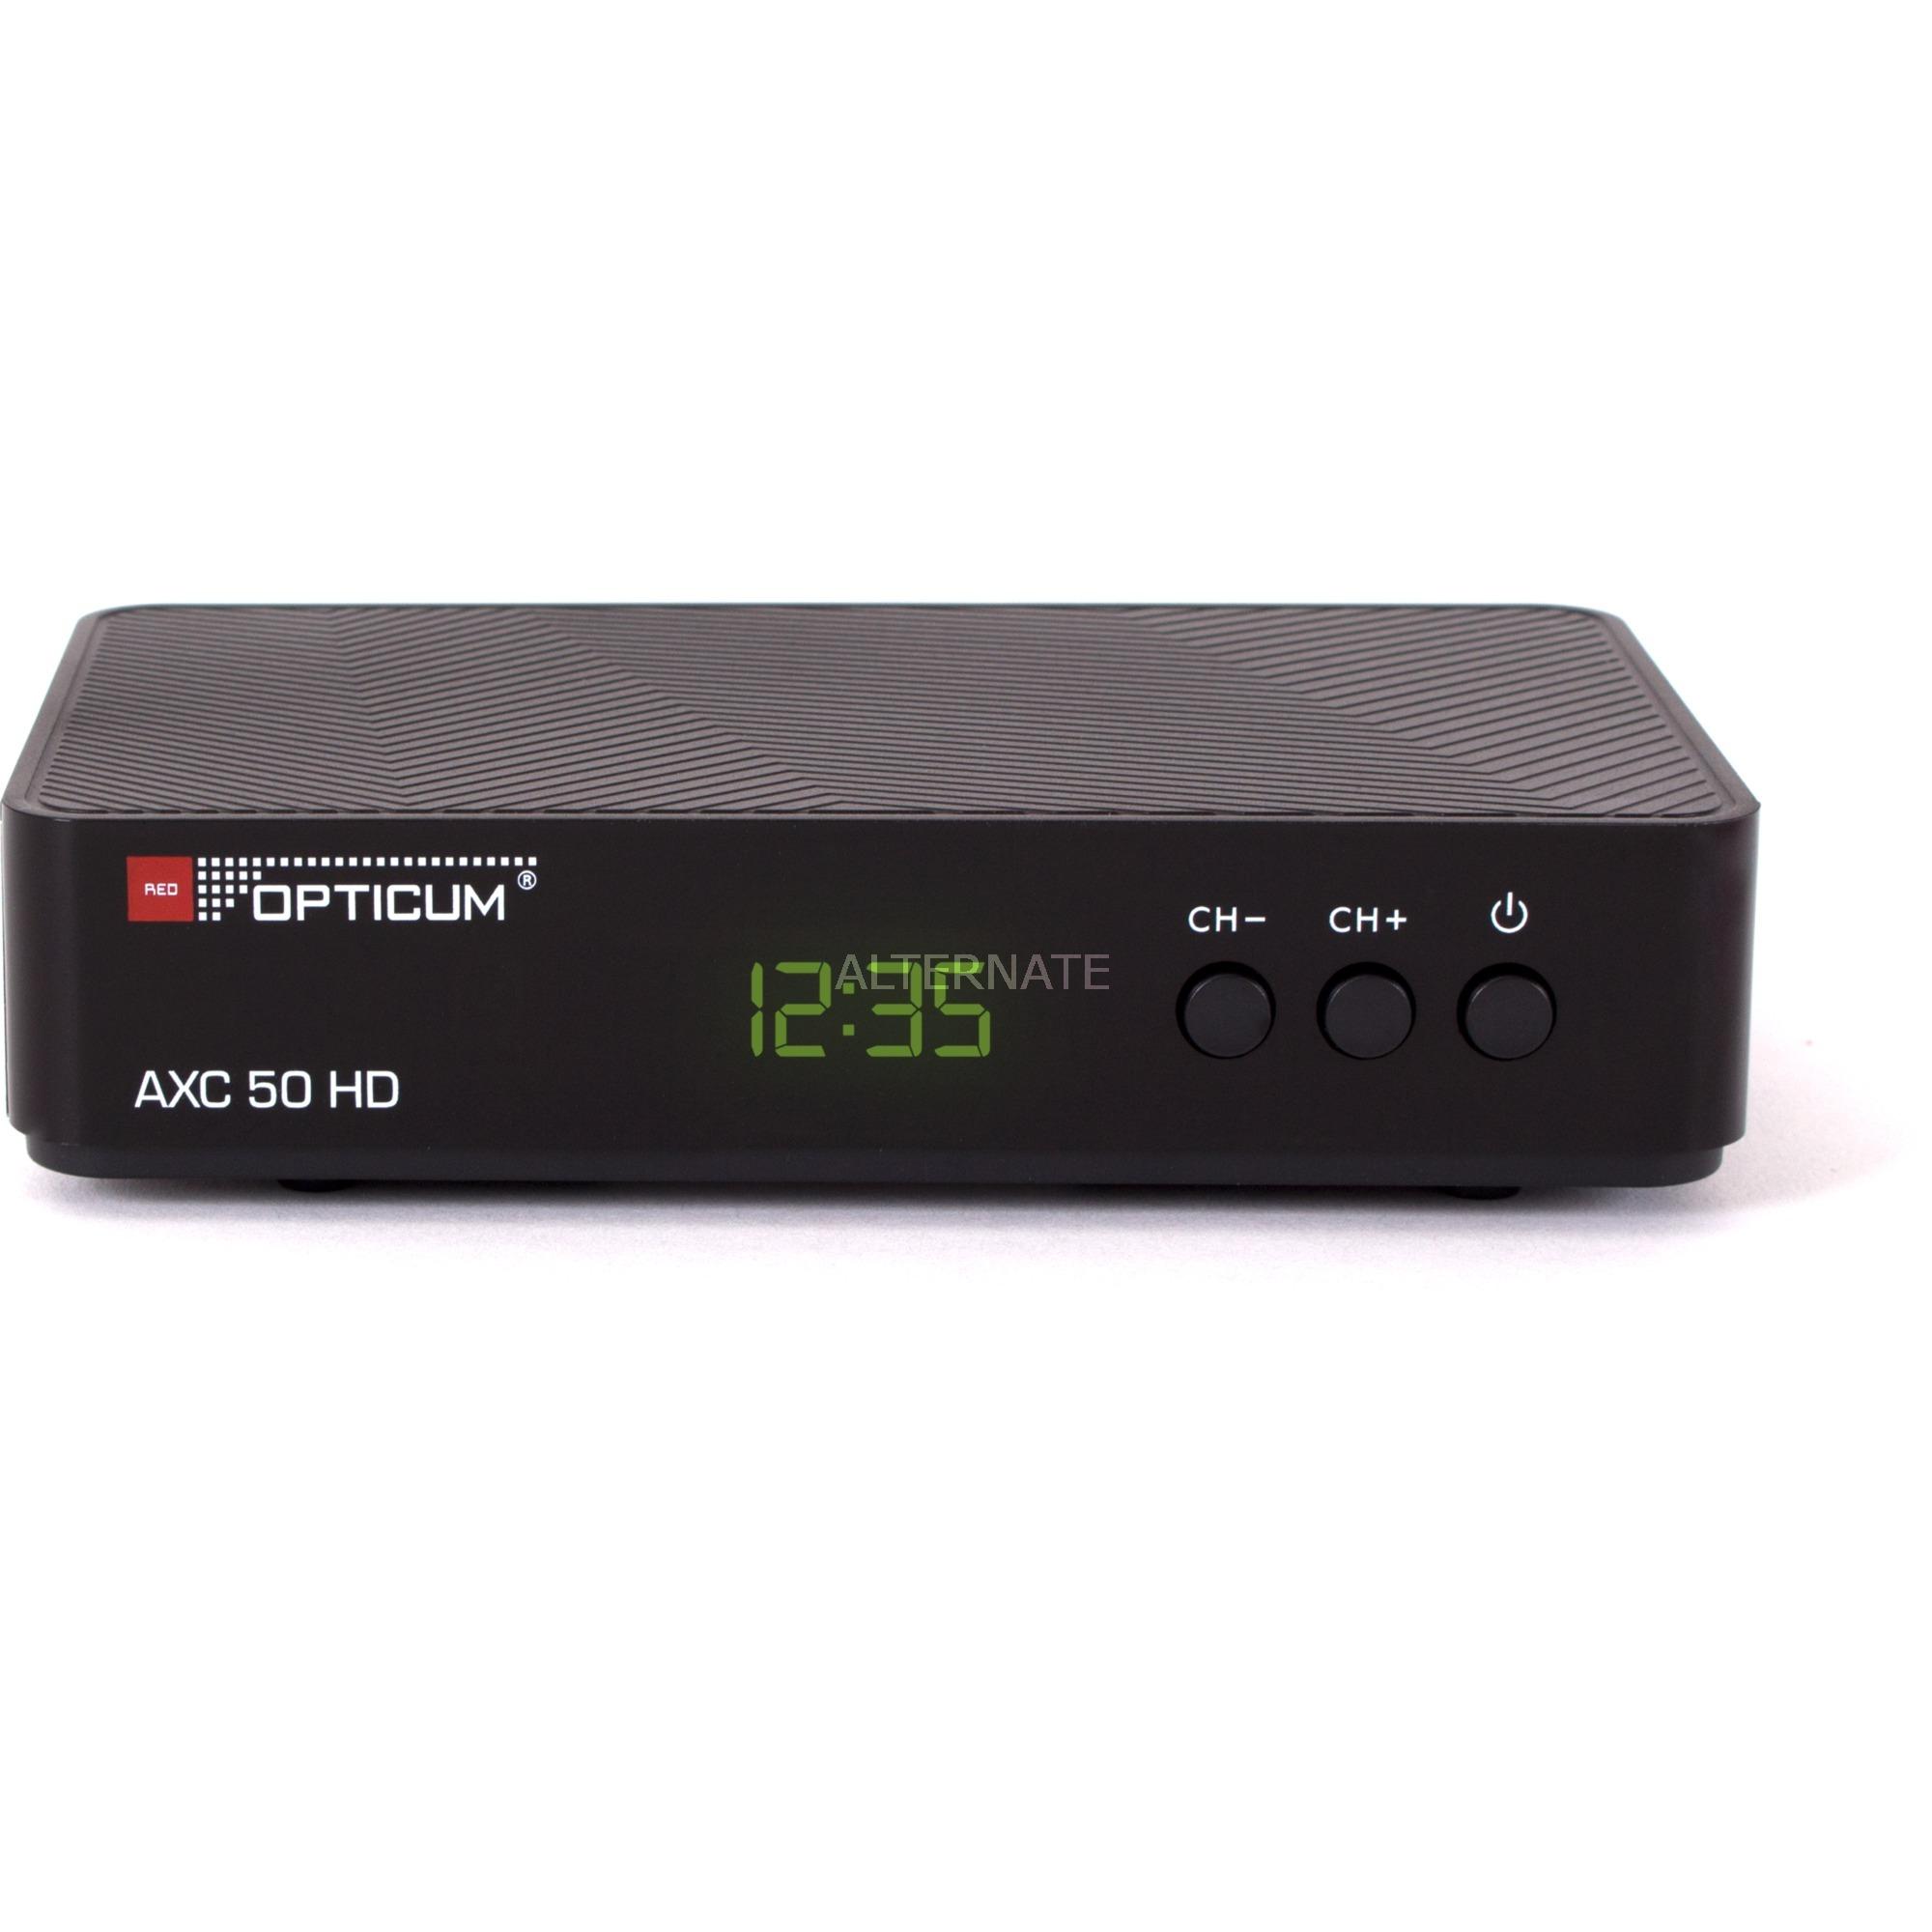 HD AX C50 Cable Full HD Noir TV set-top boxe, Récepteur câble